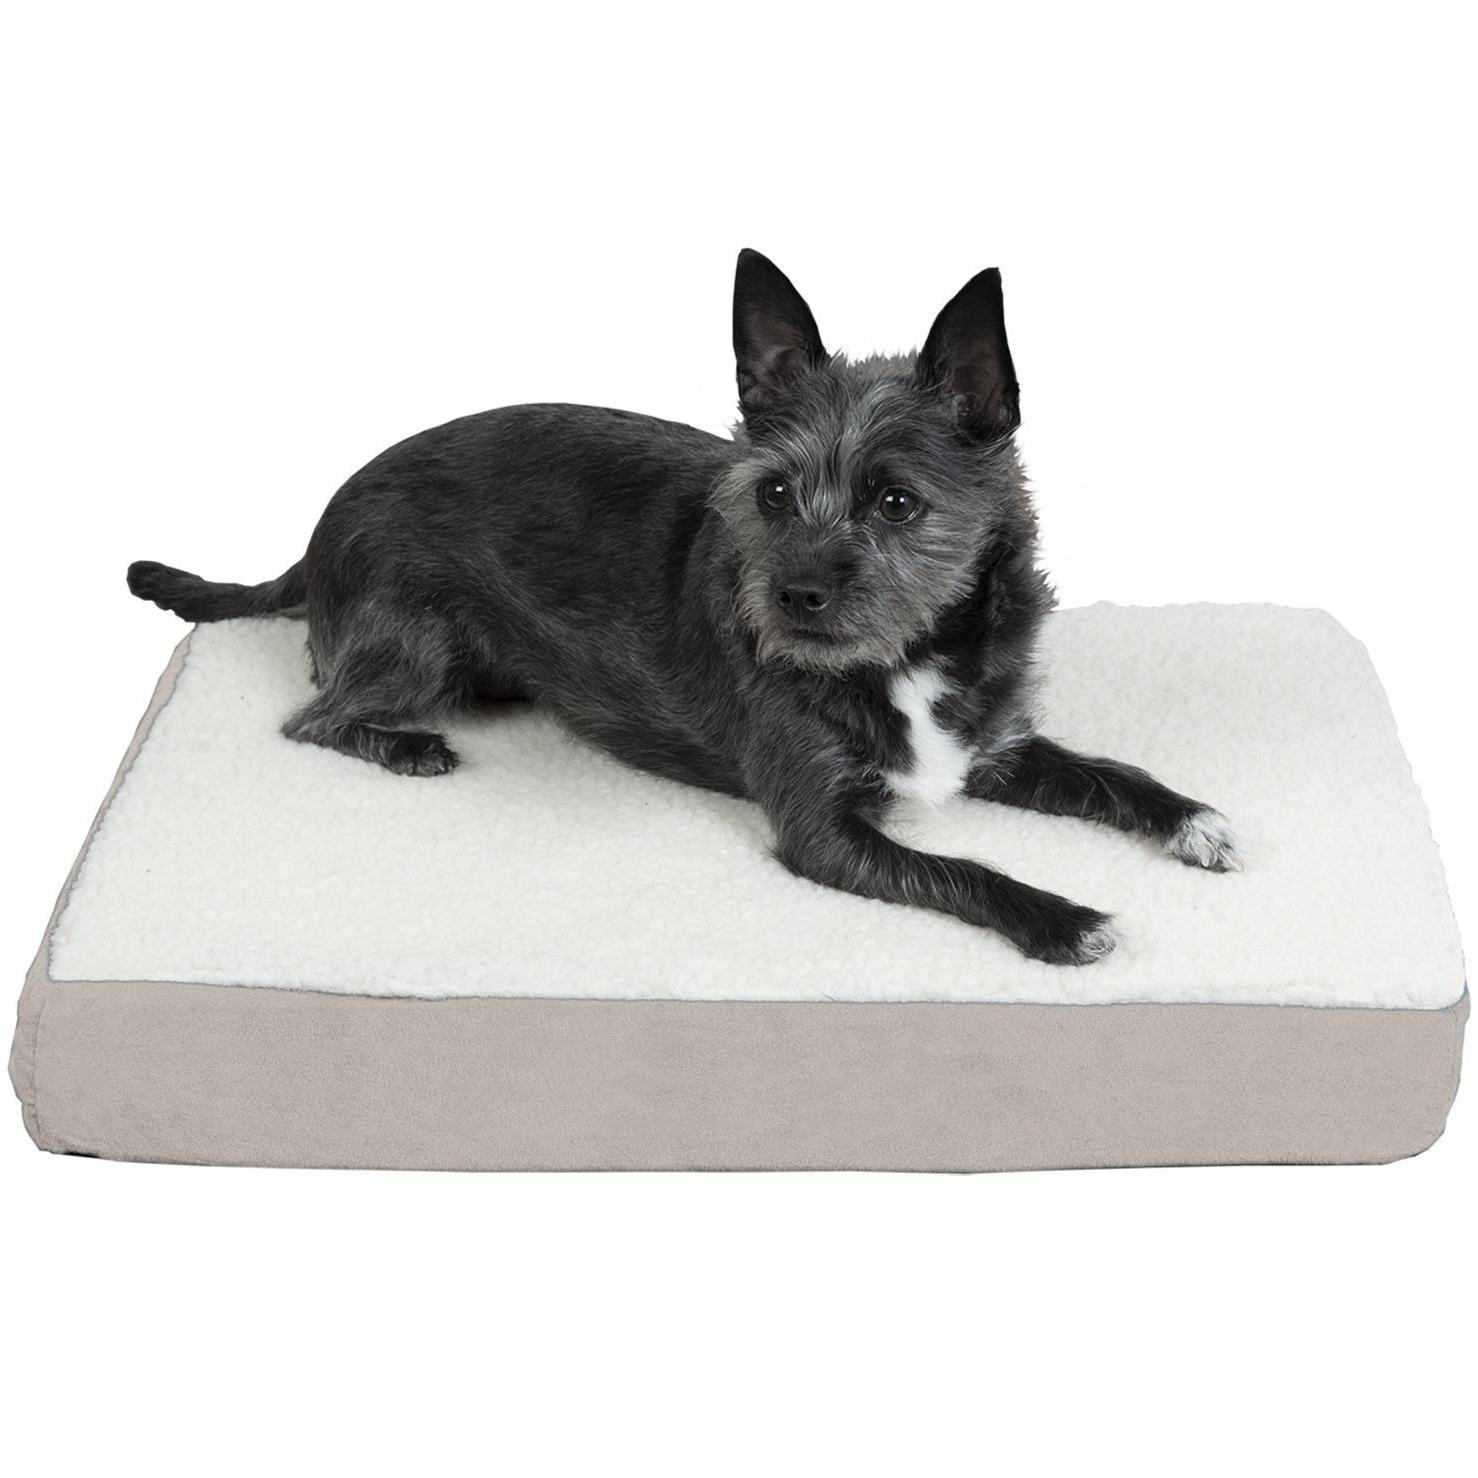 FurHaven Pet Mat Bed Dog Bed